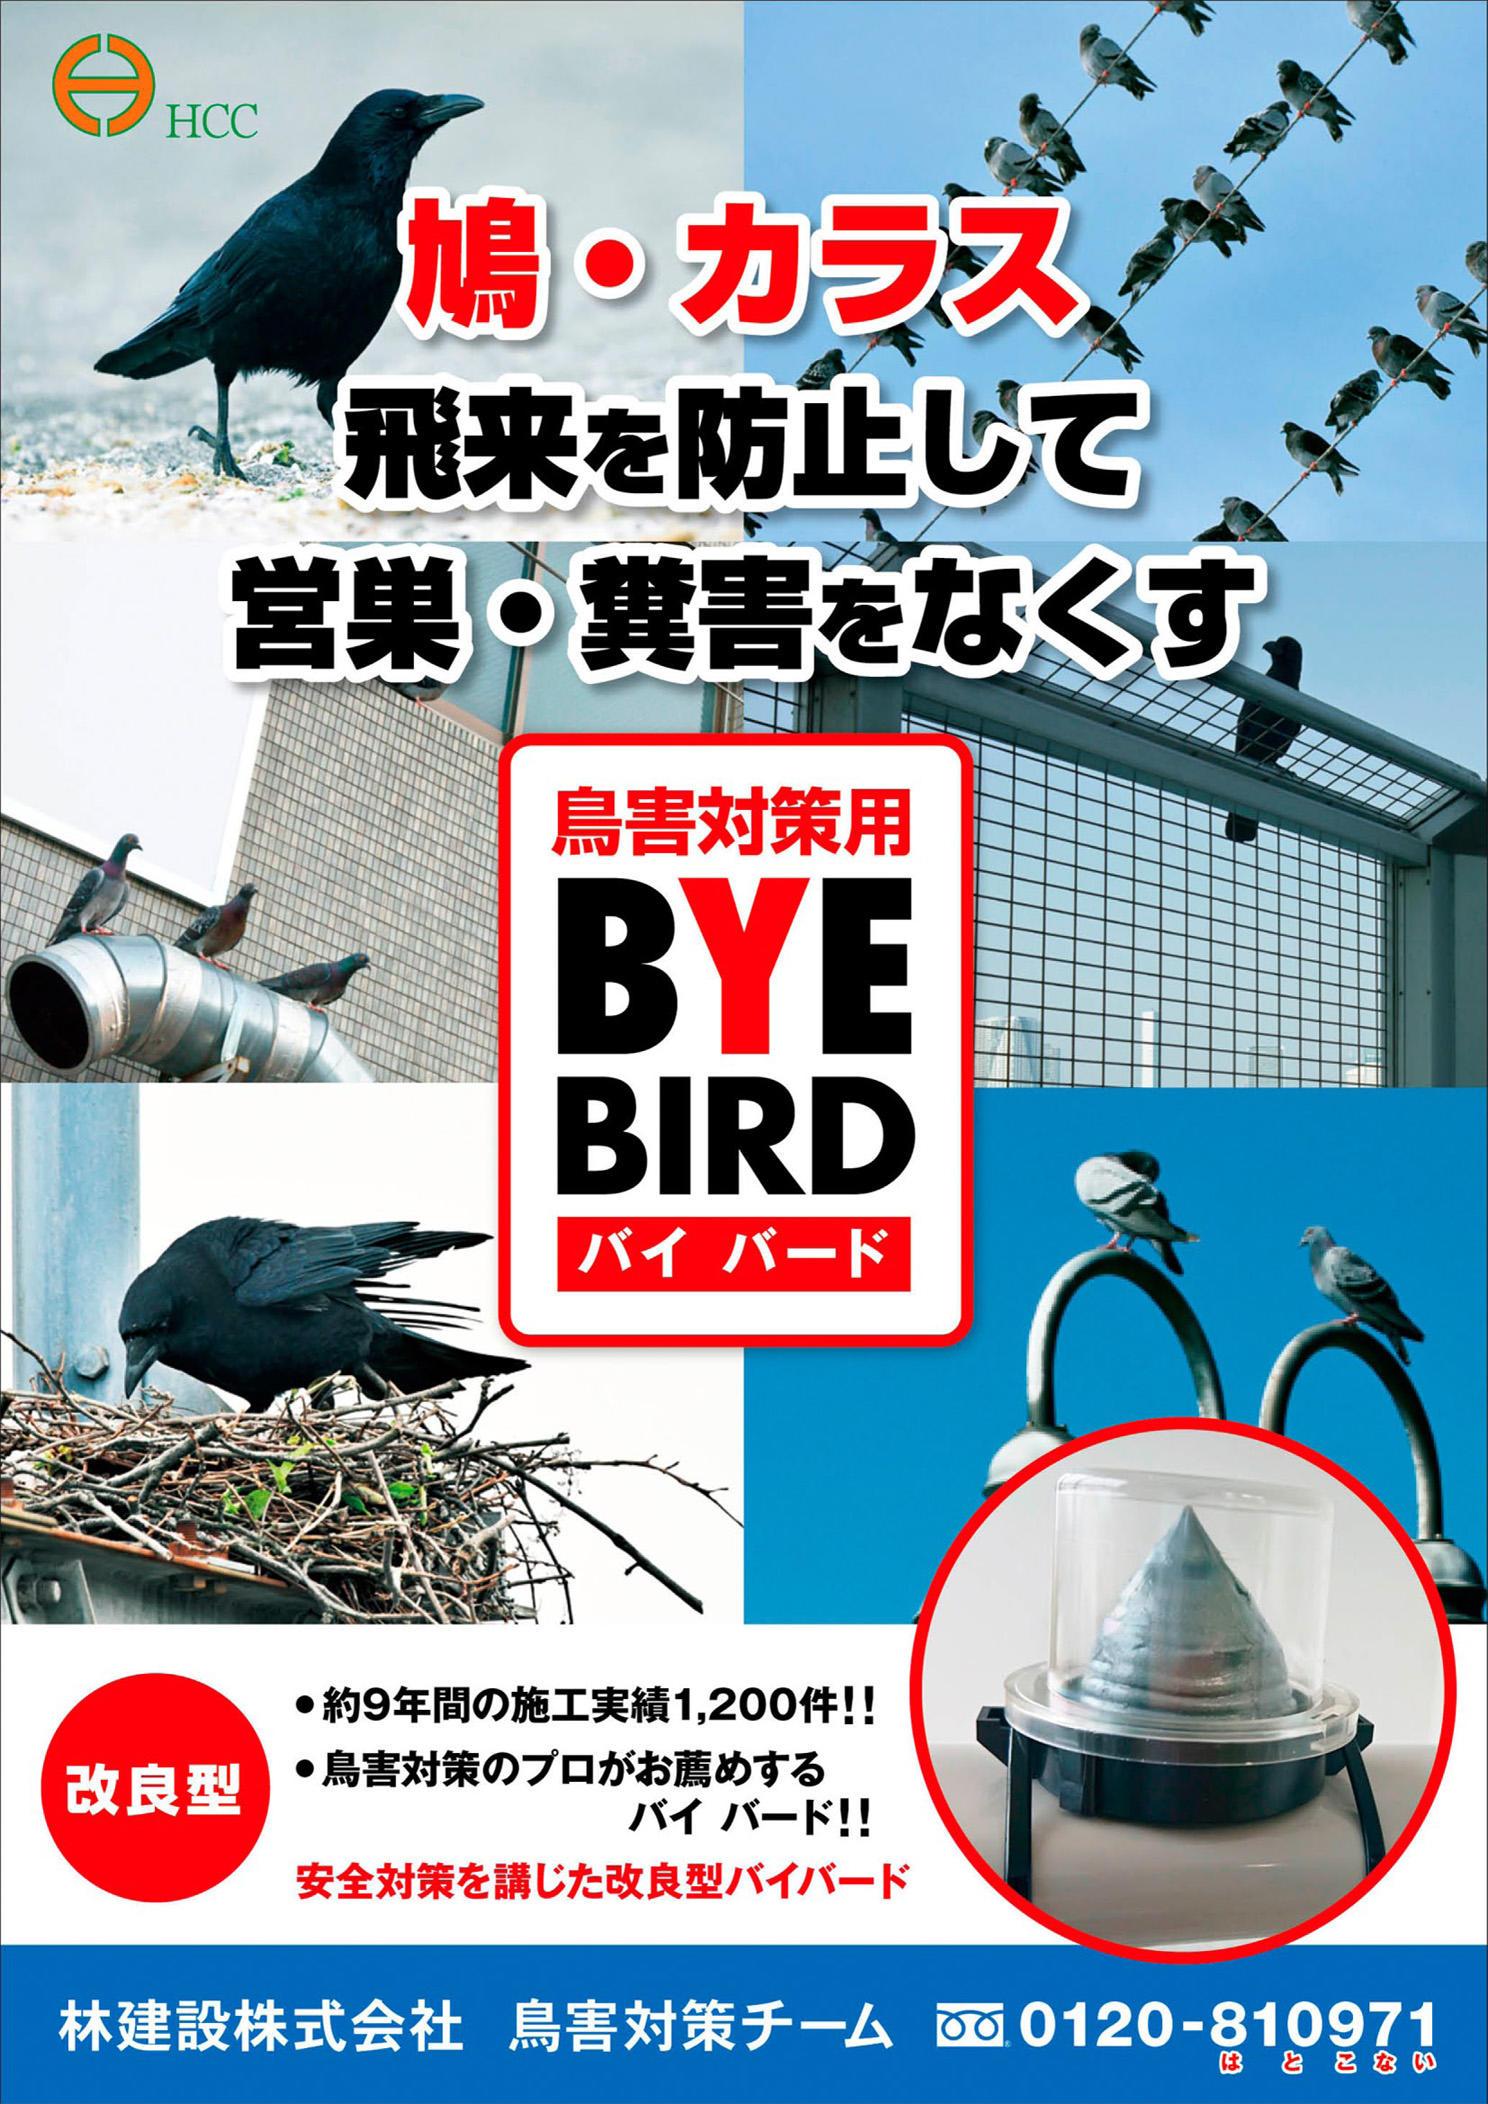 [PR] 林建設株式会社 鳥害対策用 バイバード 改良型 のご紹介